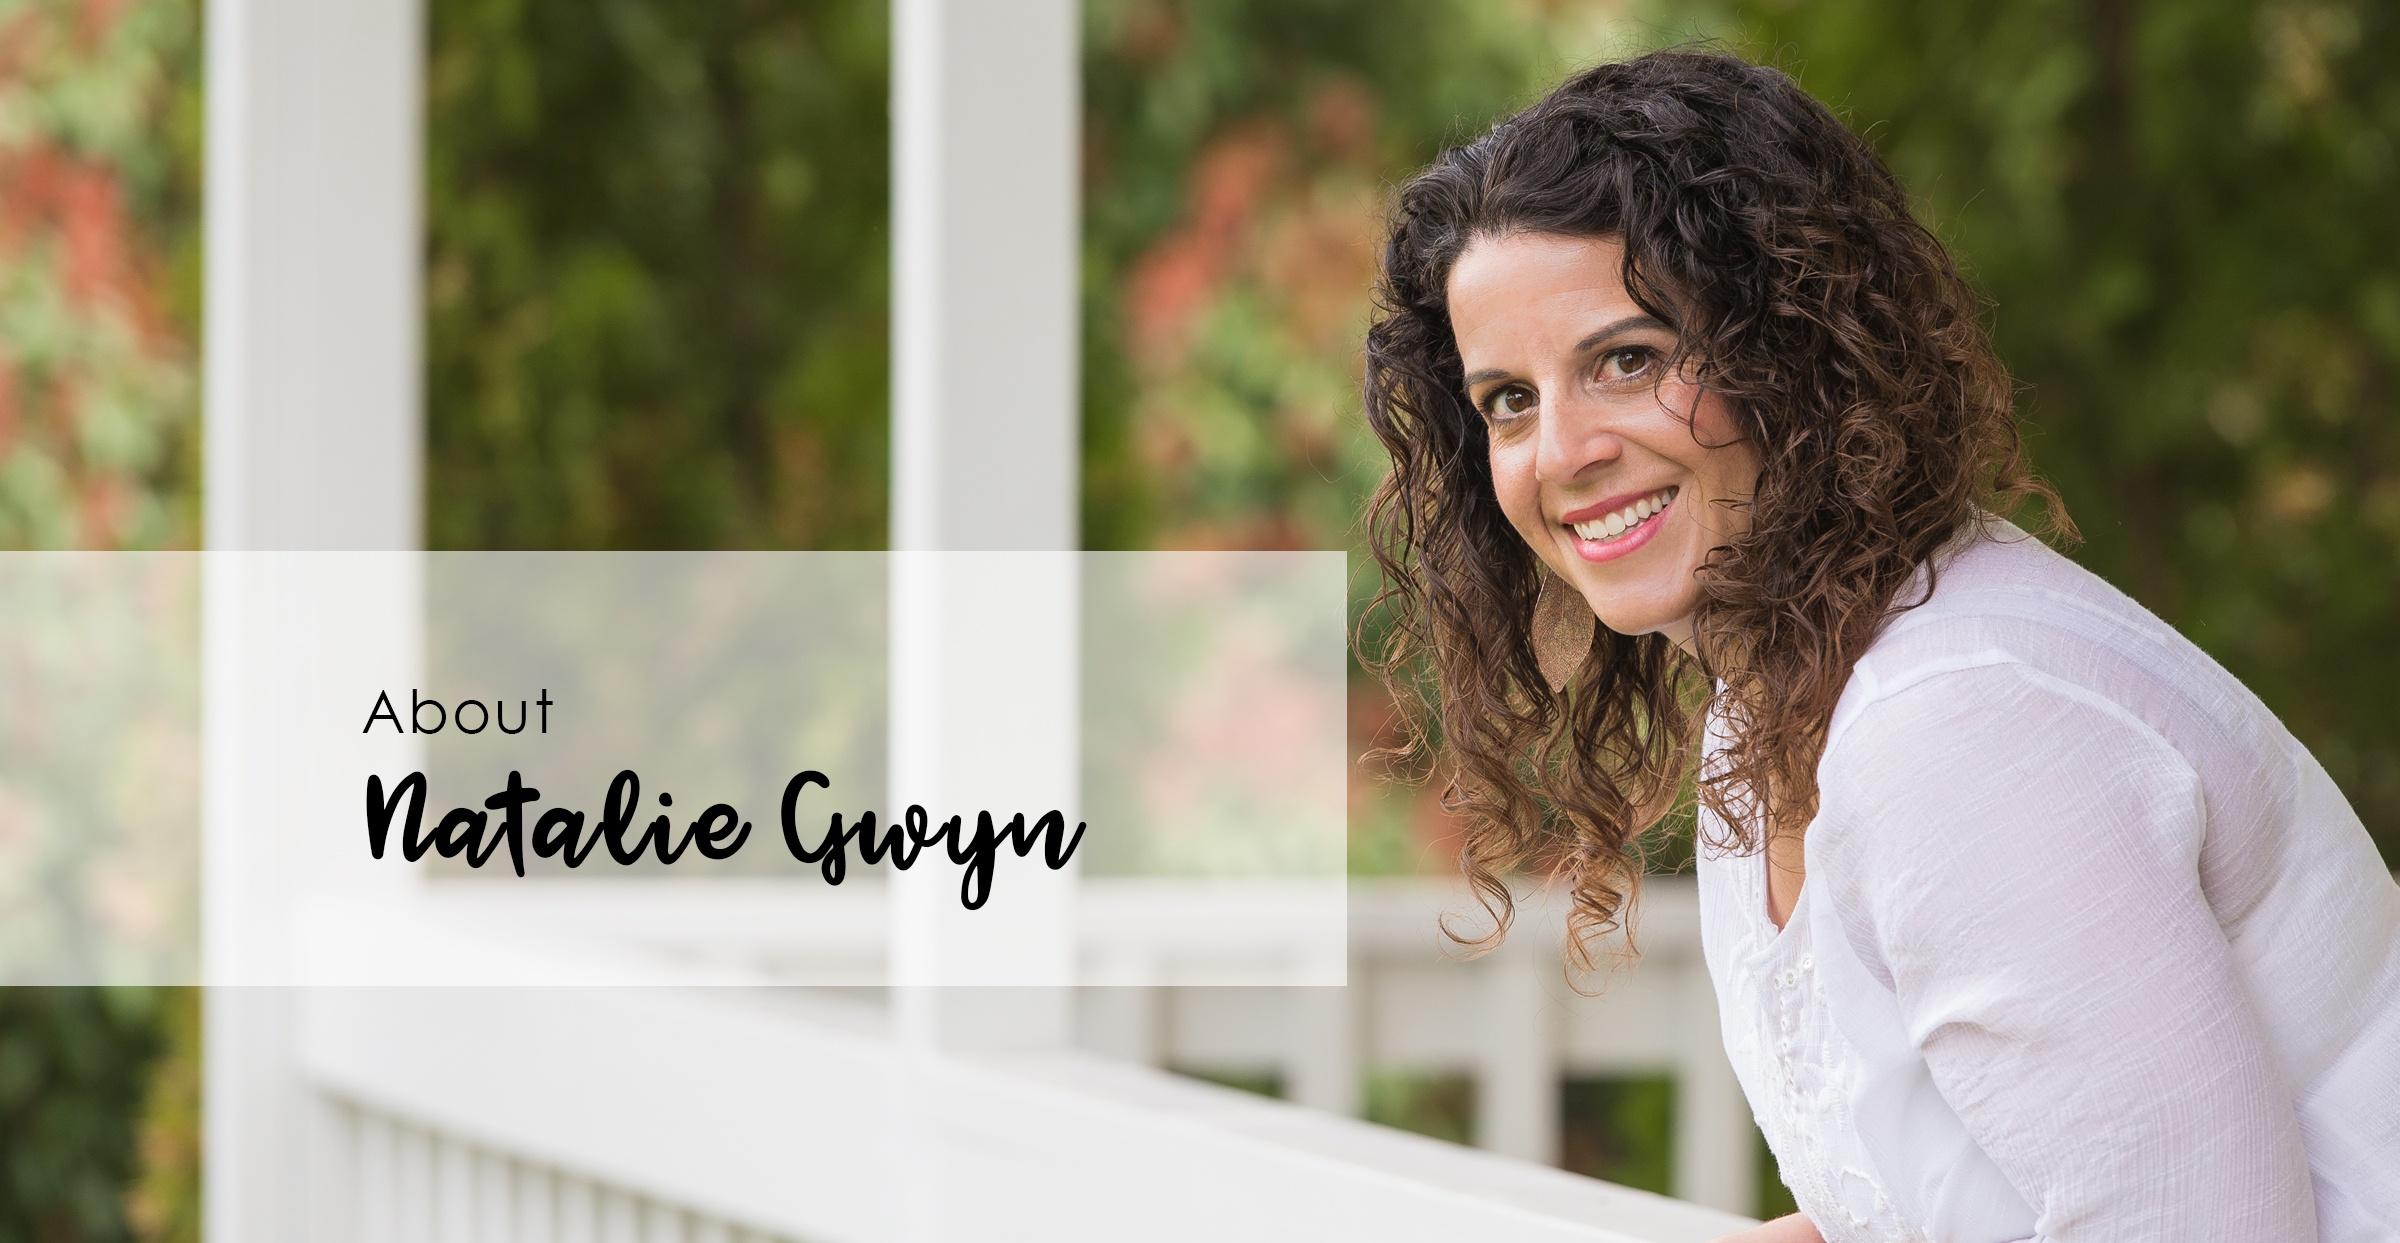 Natalie Gwyn